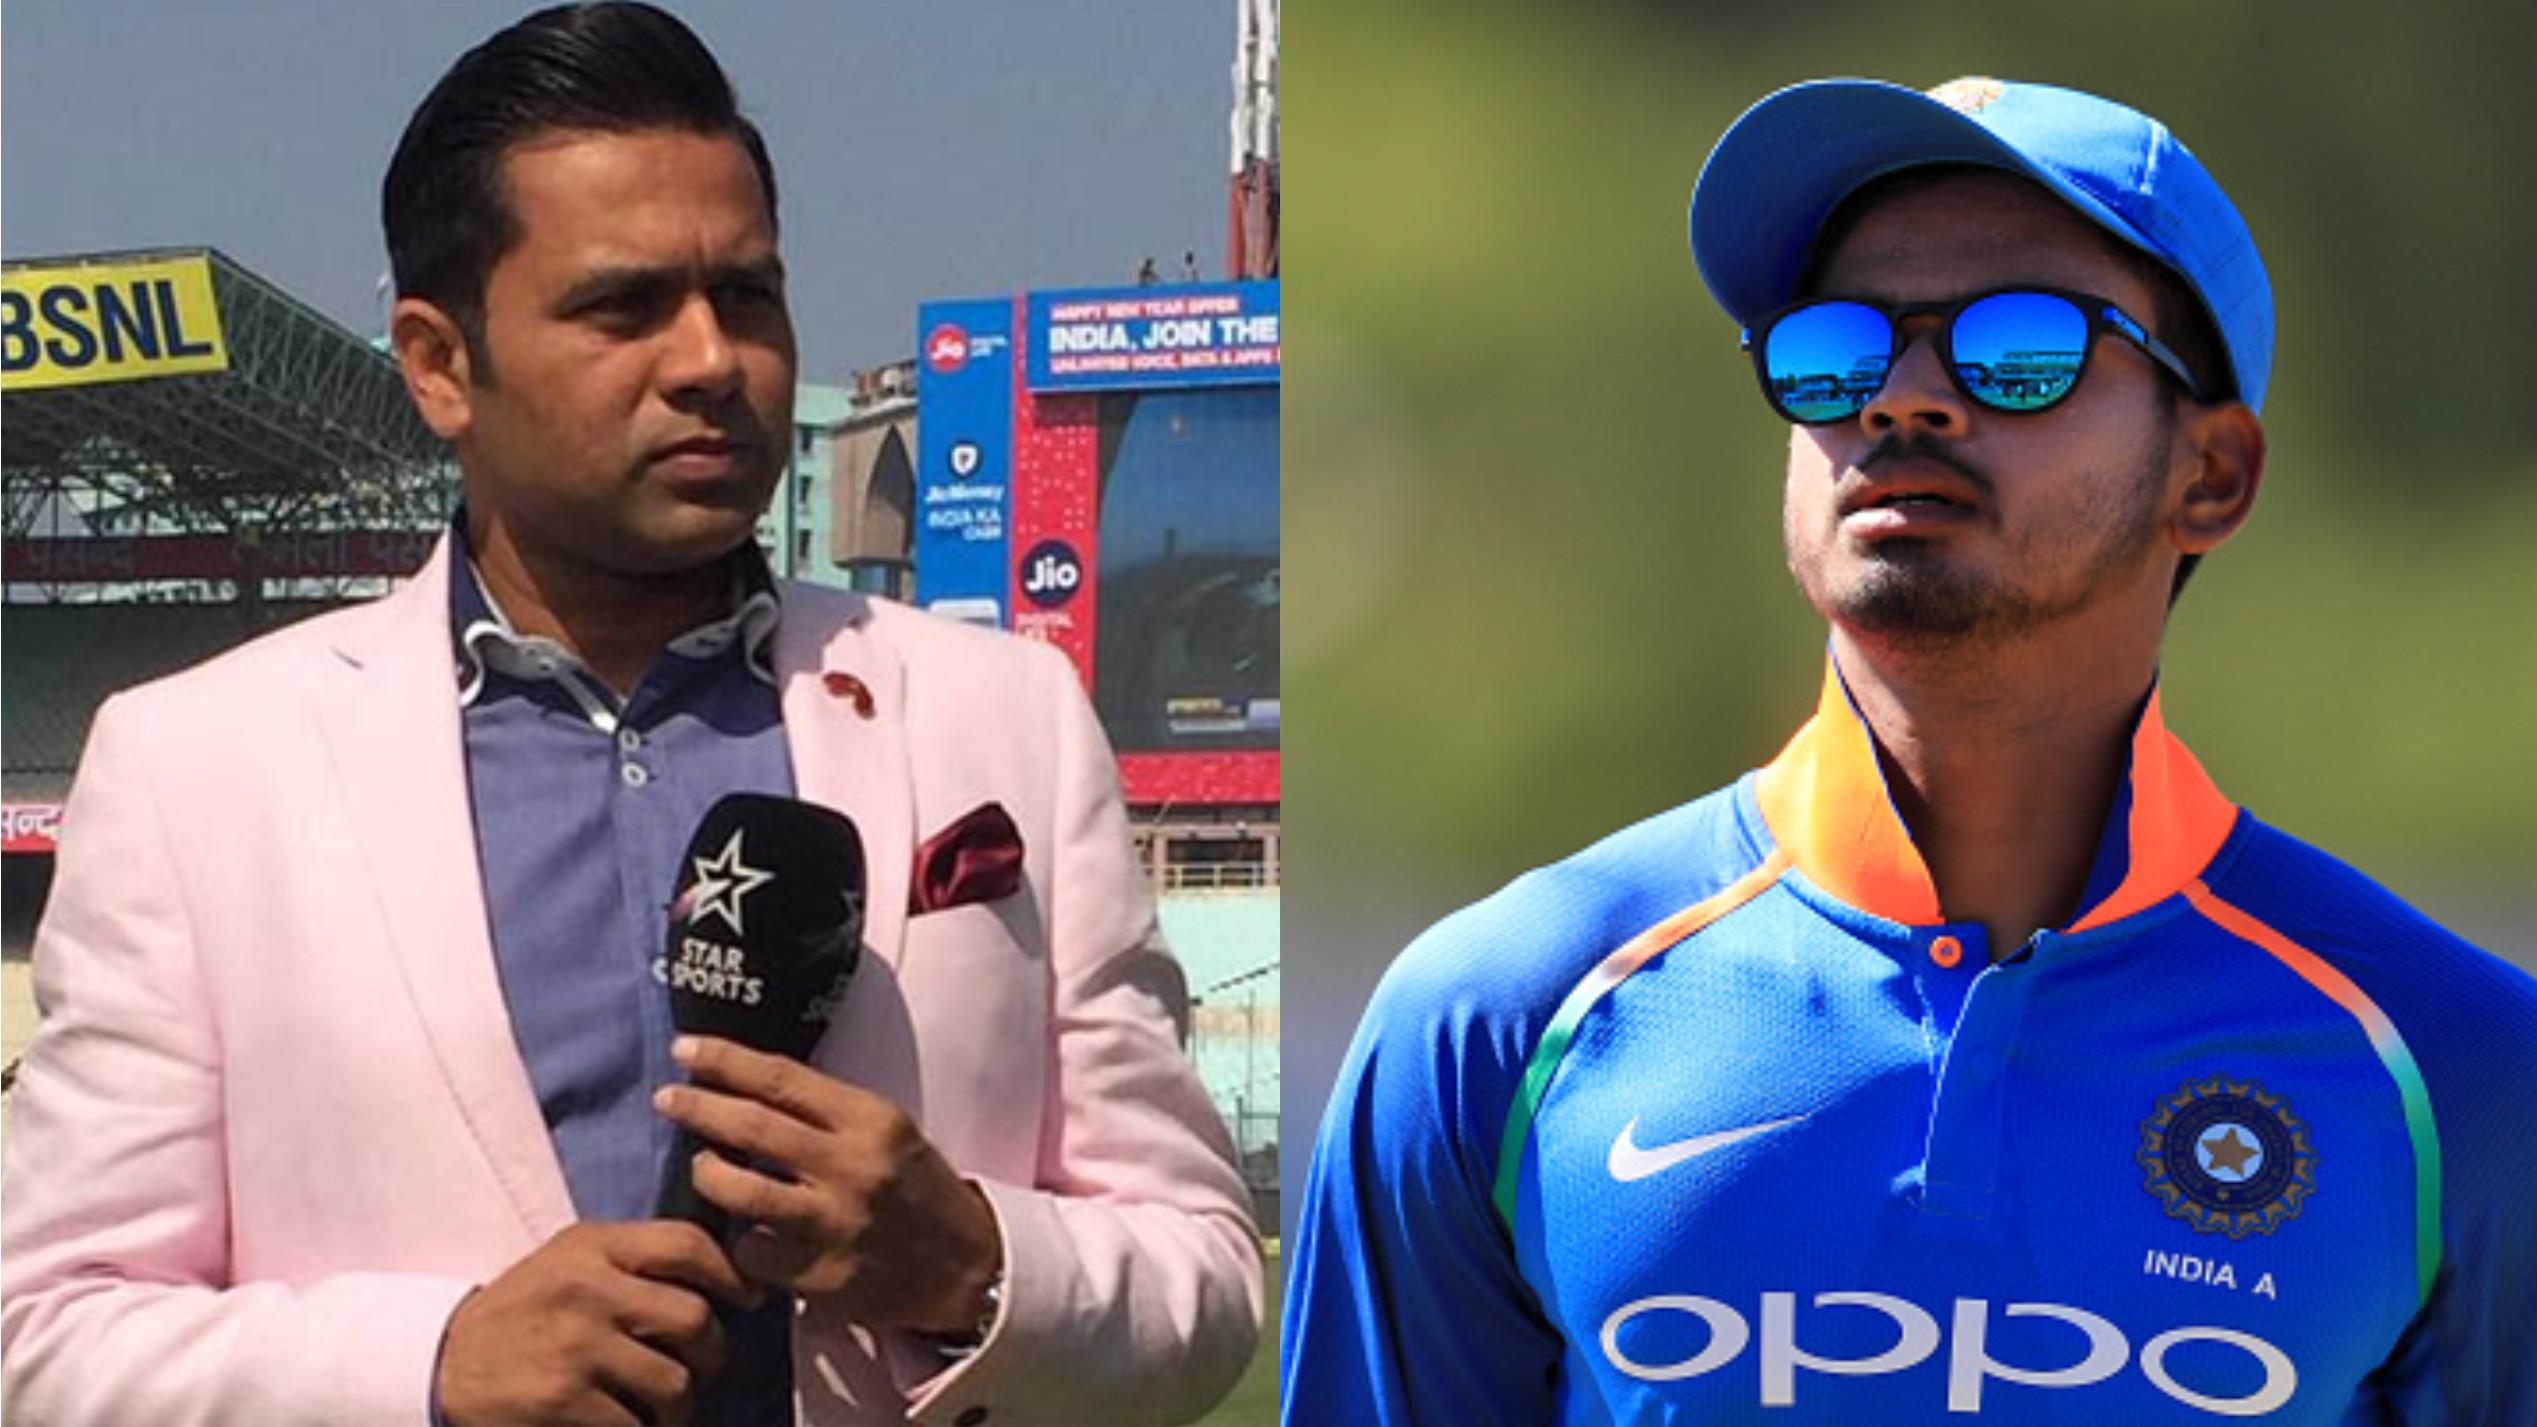 आकाश चोपड़ा ने T20I टीम से श्रेयस अय्यर को बाहर करने के फैसले पर उठाए सवाल